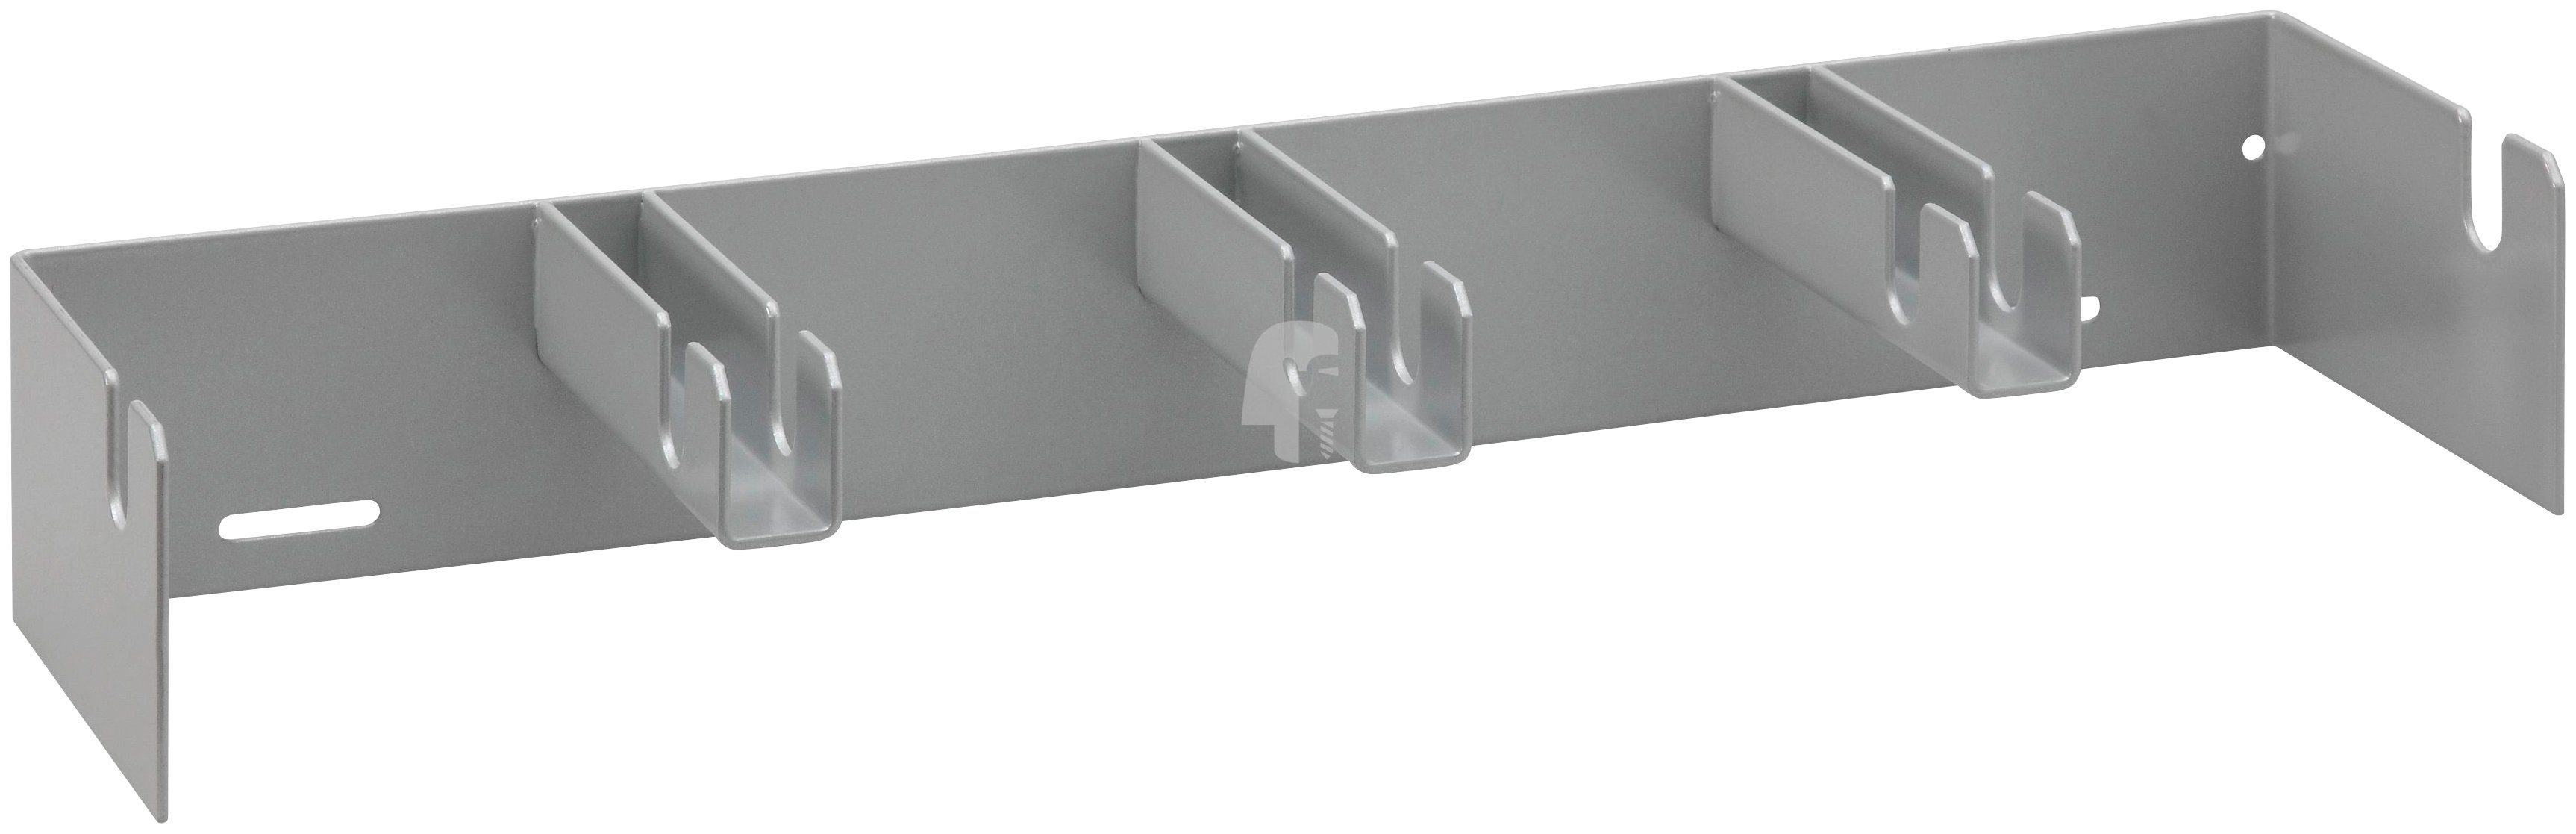 RAMSES Lochwand , Kabelwandhalter für 4 Spulen RAL 9006